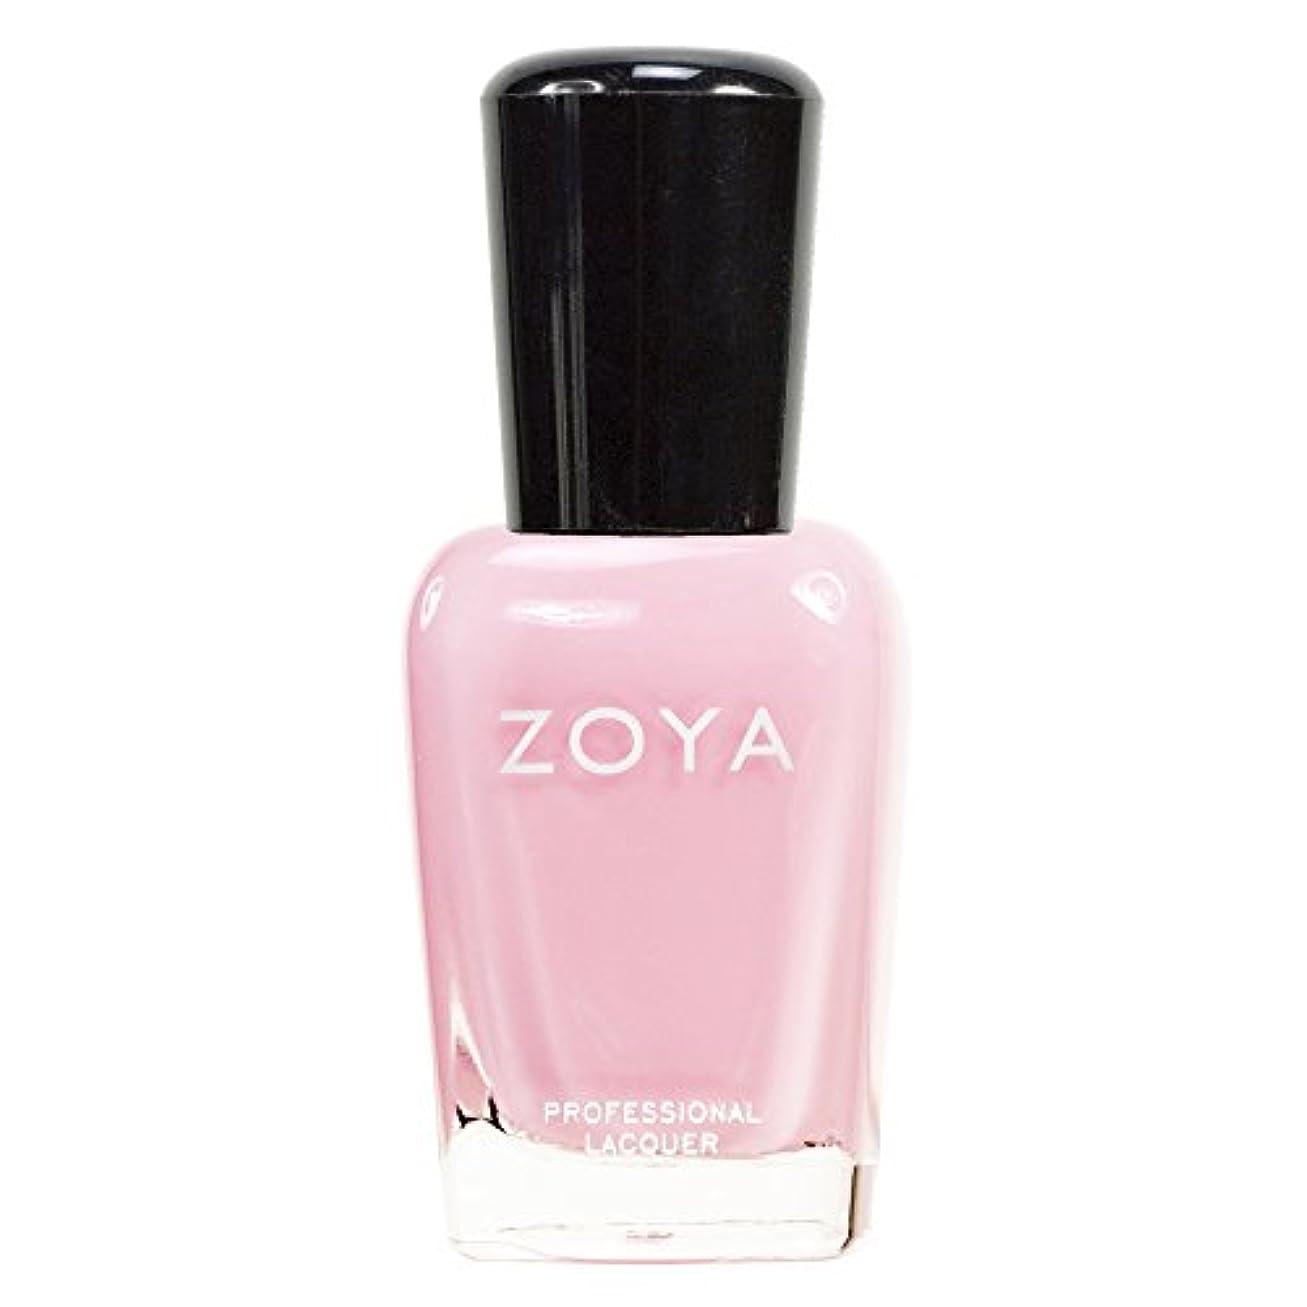 モード特別に偶然ZOYA ゾーヤ ネイルカラーZP315 BELA ベラ 15ml 淡く優しいクリーミーなピンク マット 爪にやさしいネイルラッカーマニキュア